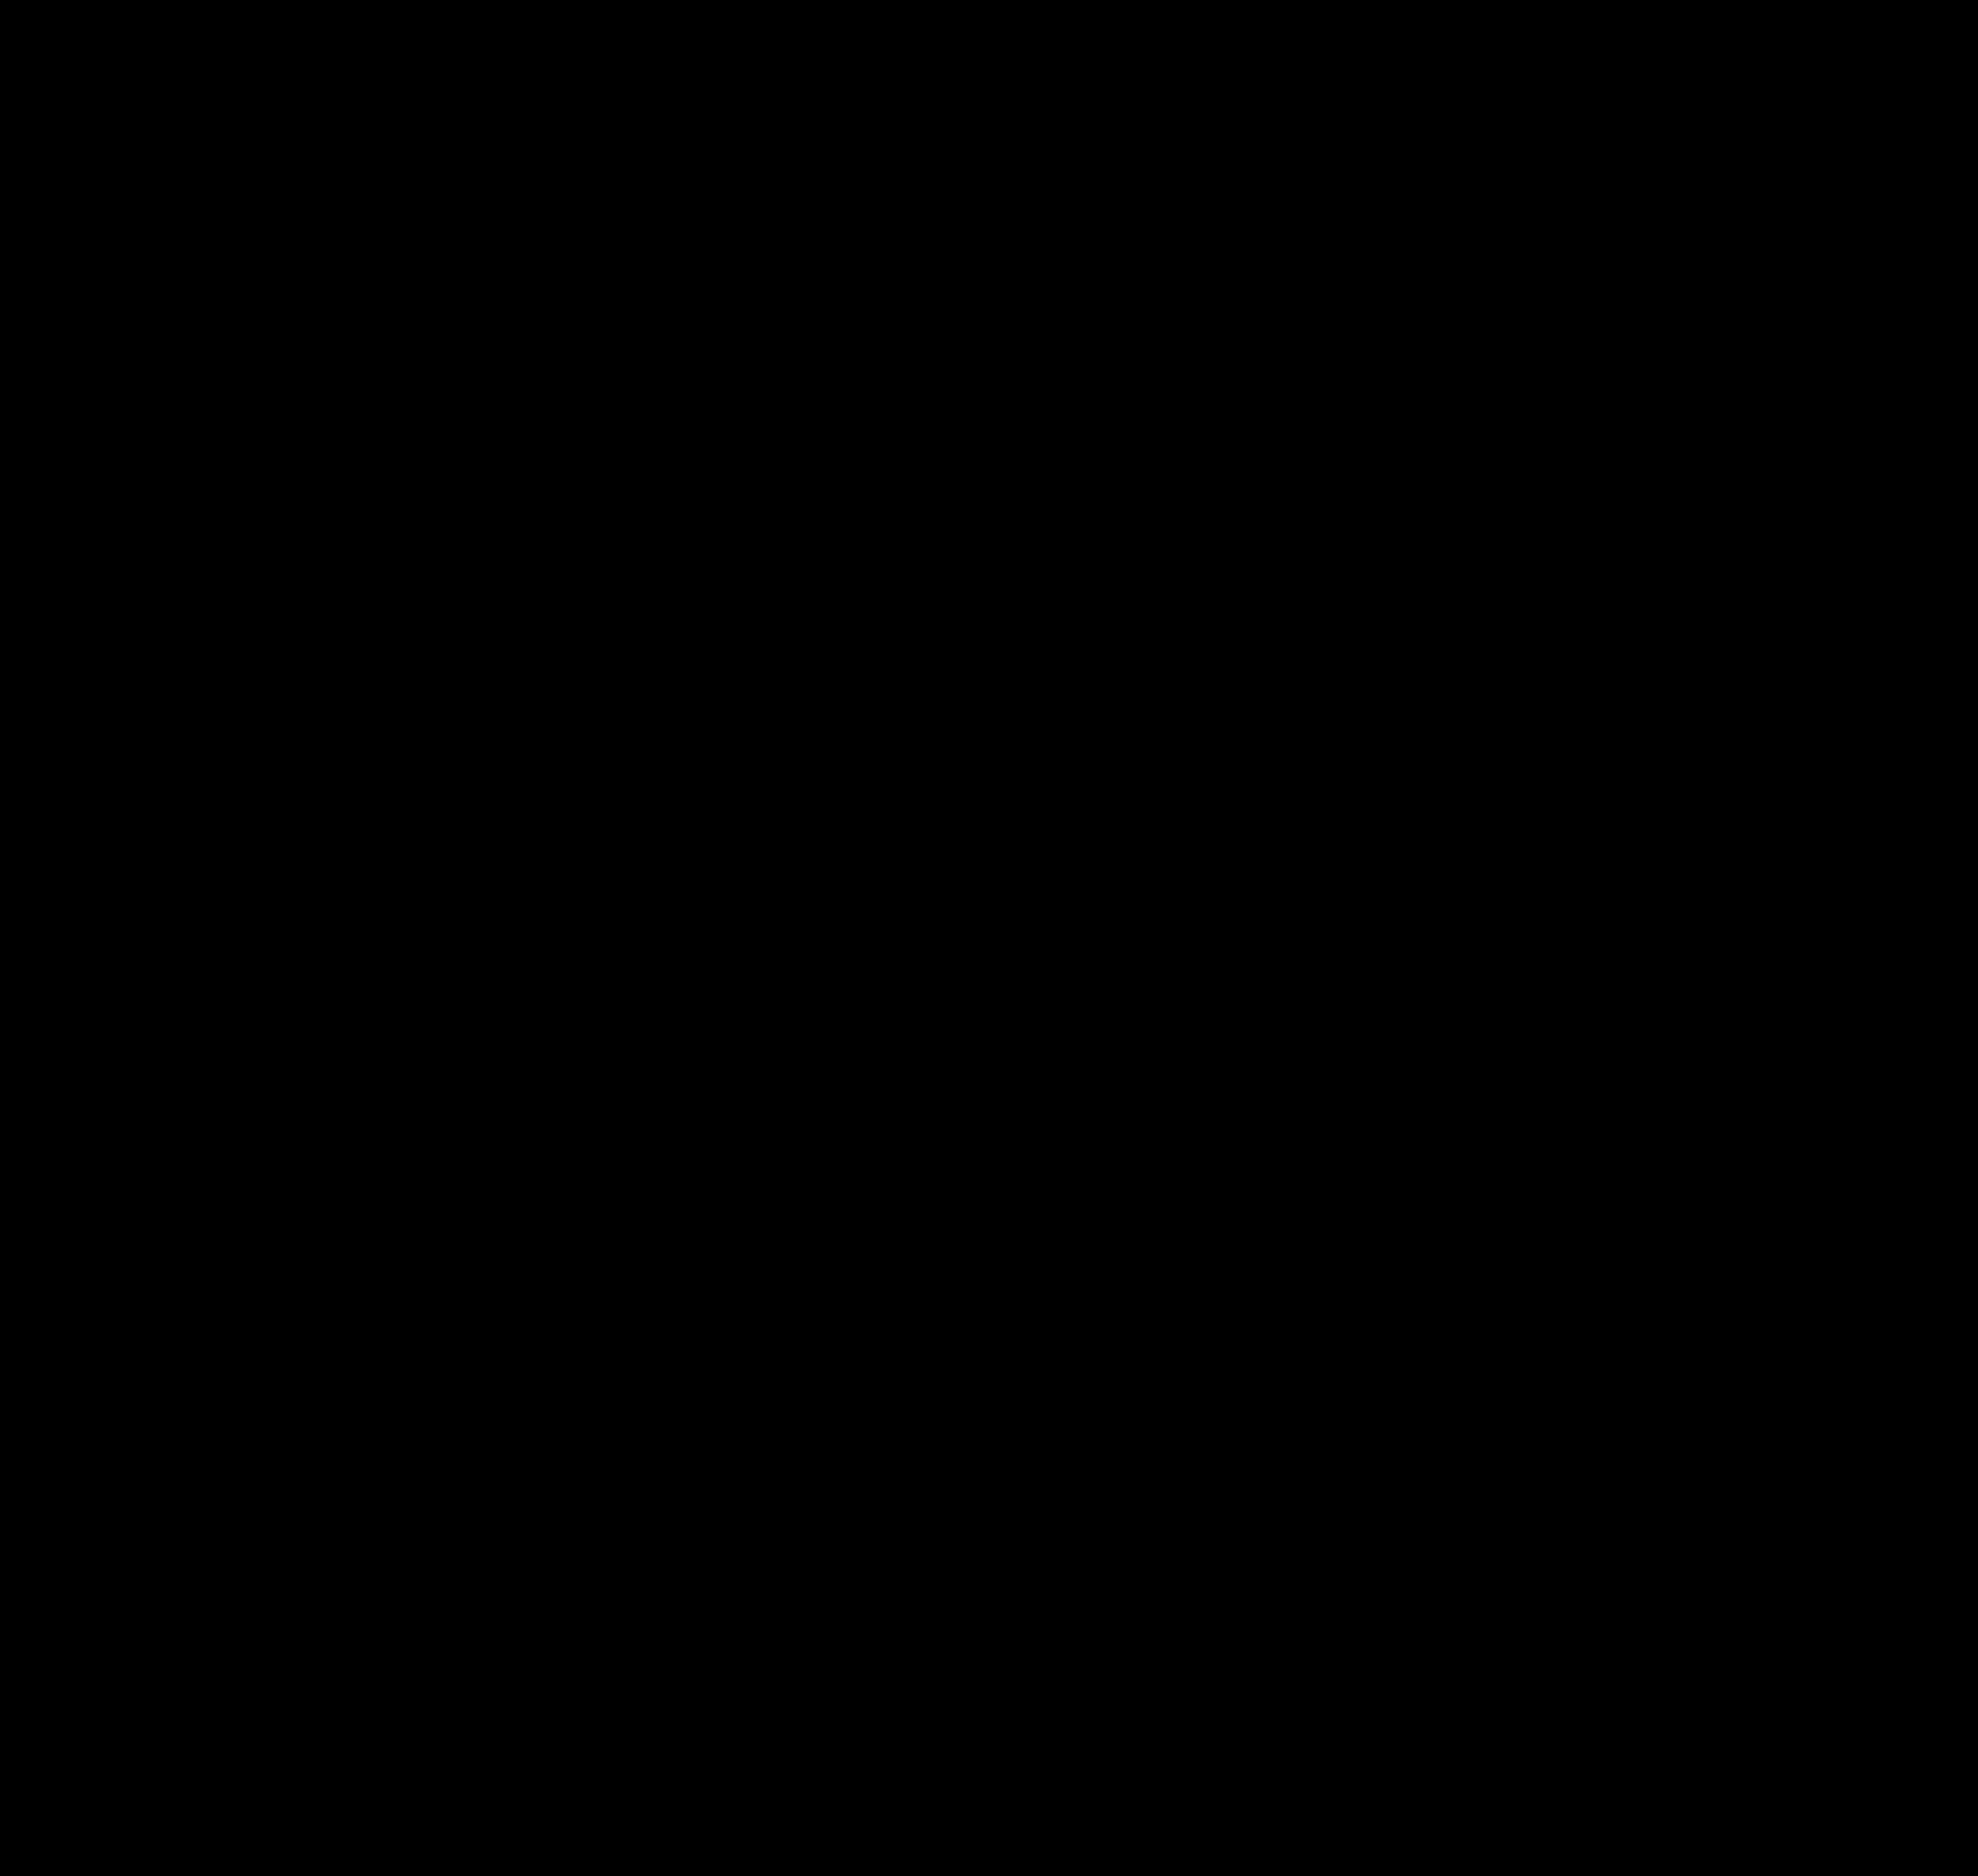 City View 2019 Award